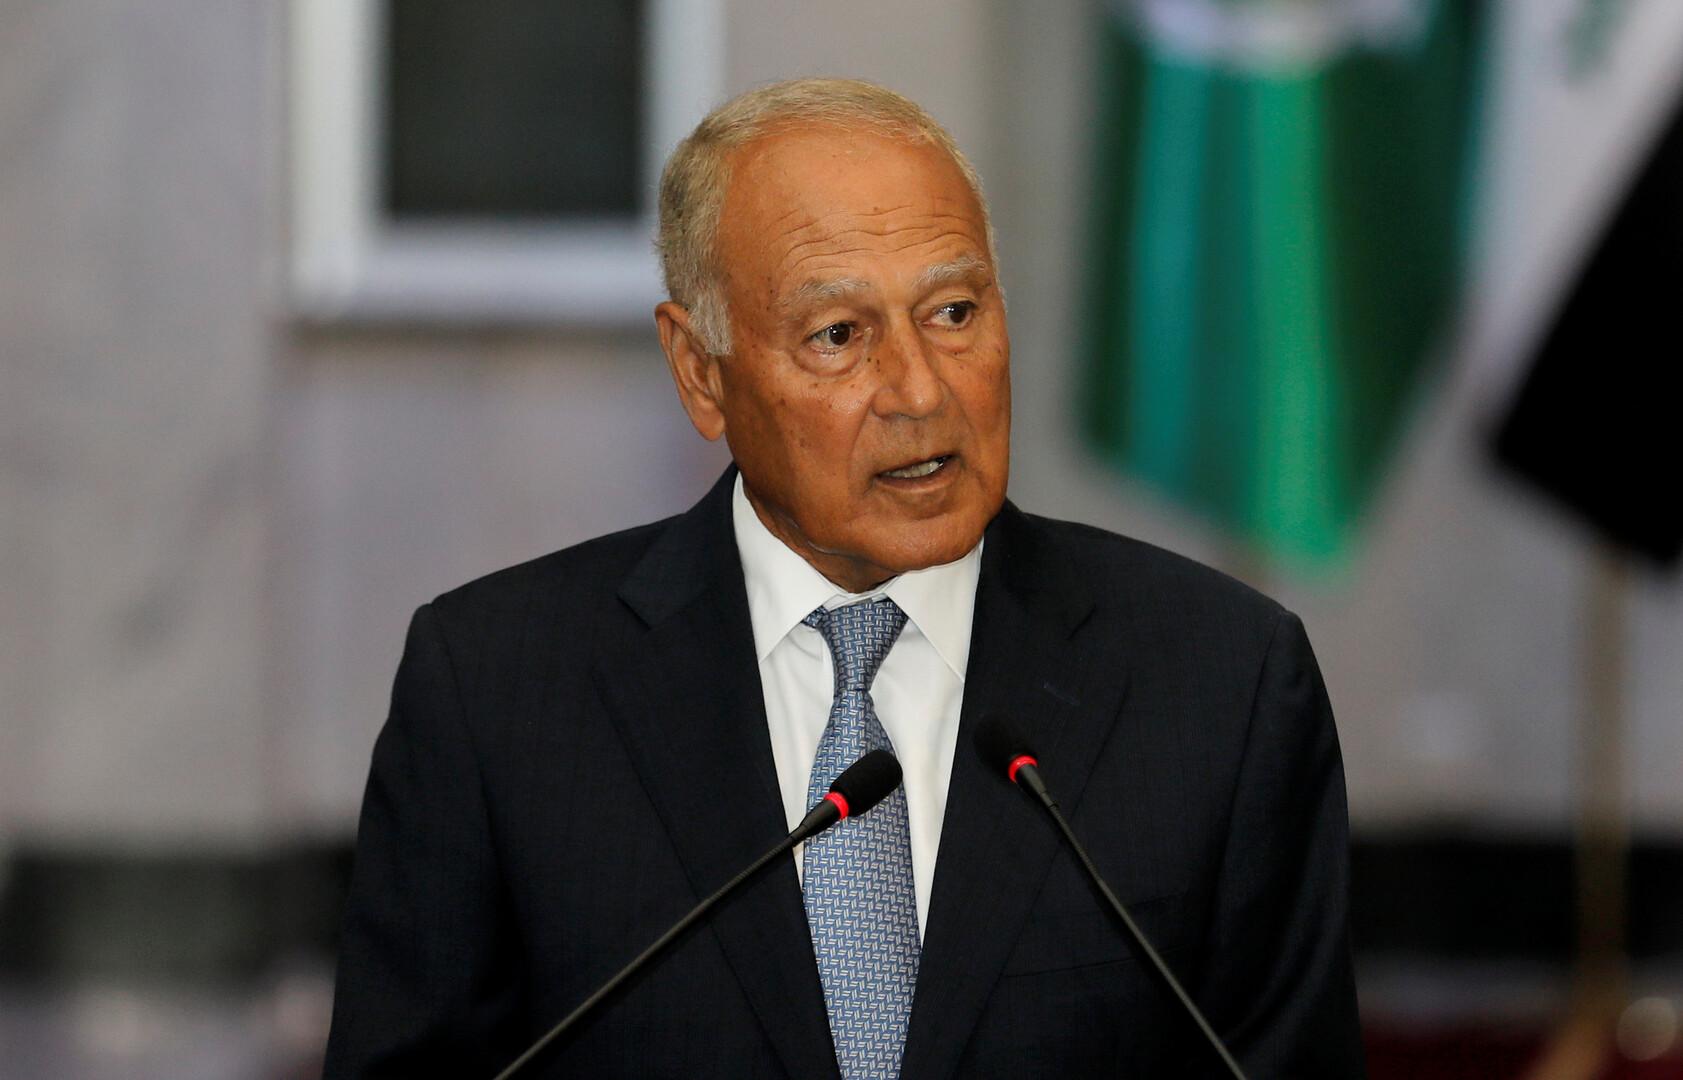 جامعة الدول العربية: الاعتداء التركي على الأراضي السورية يشعل العداء في المنطقة